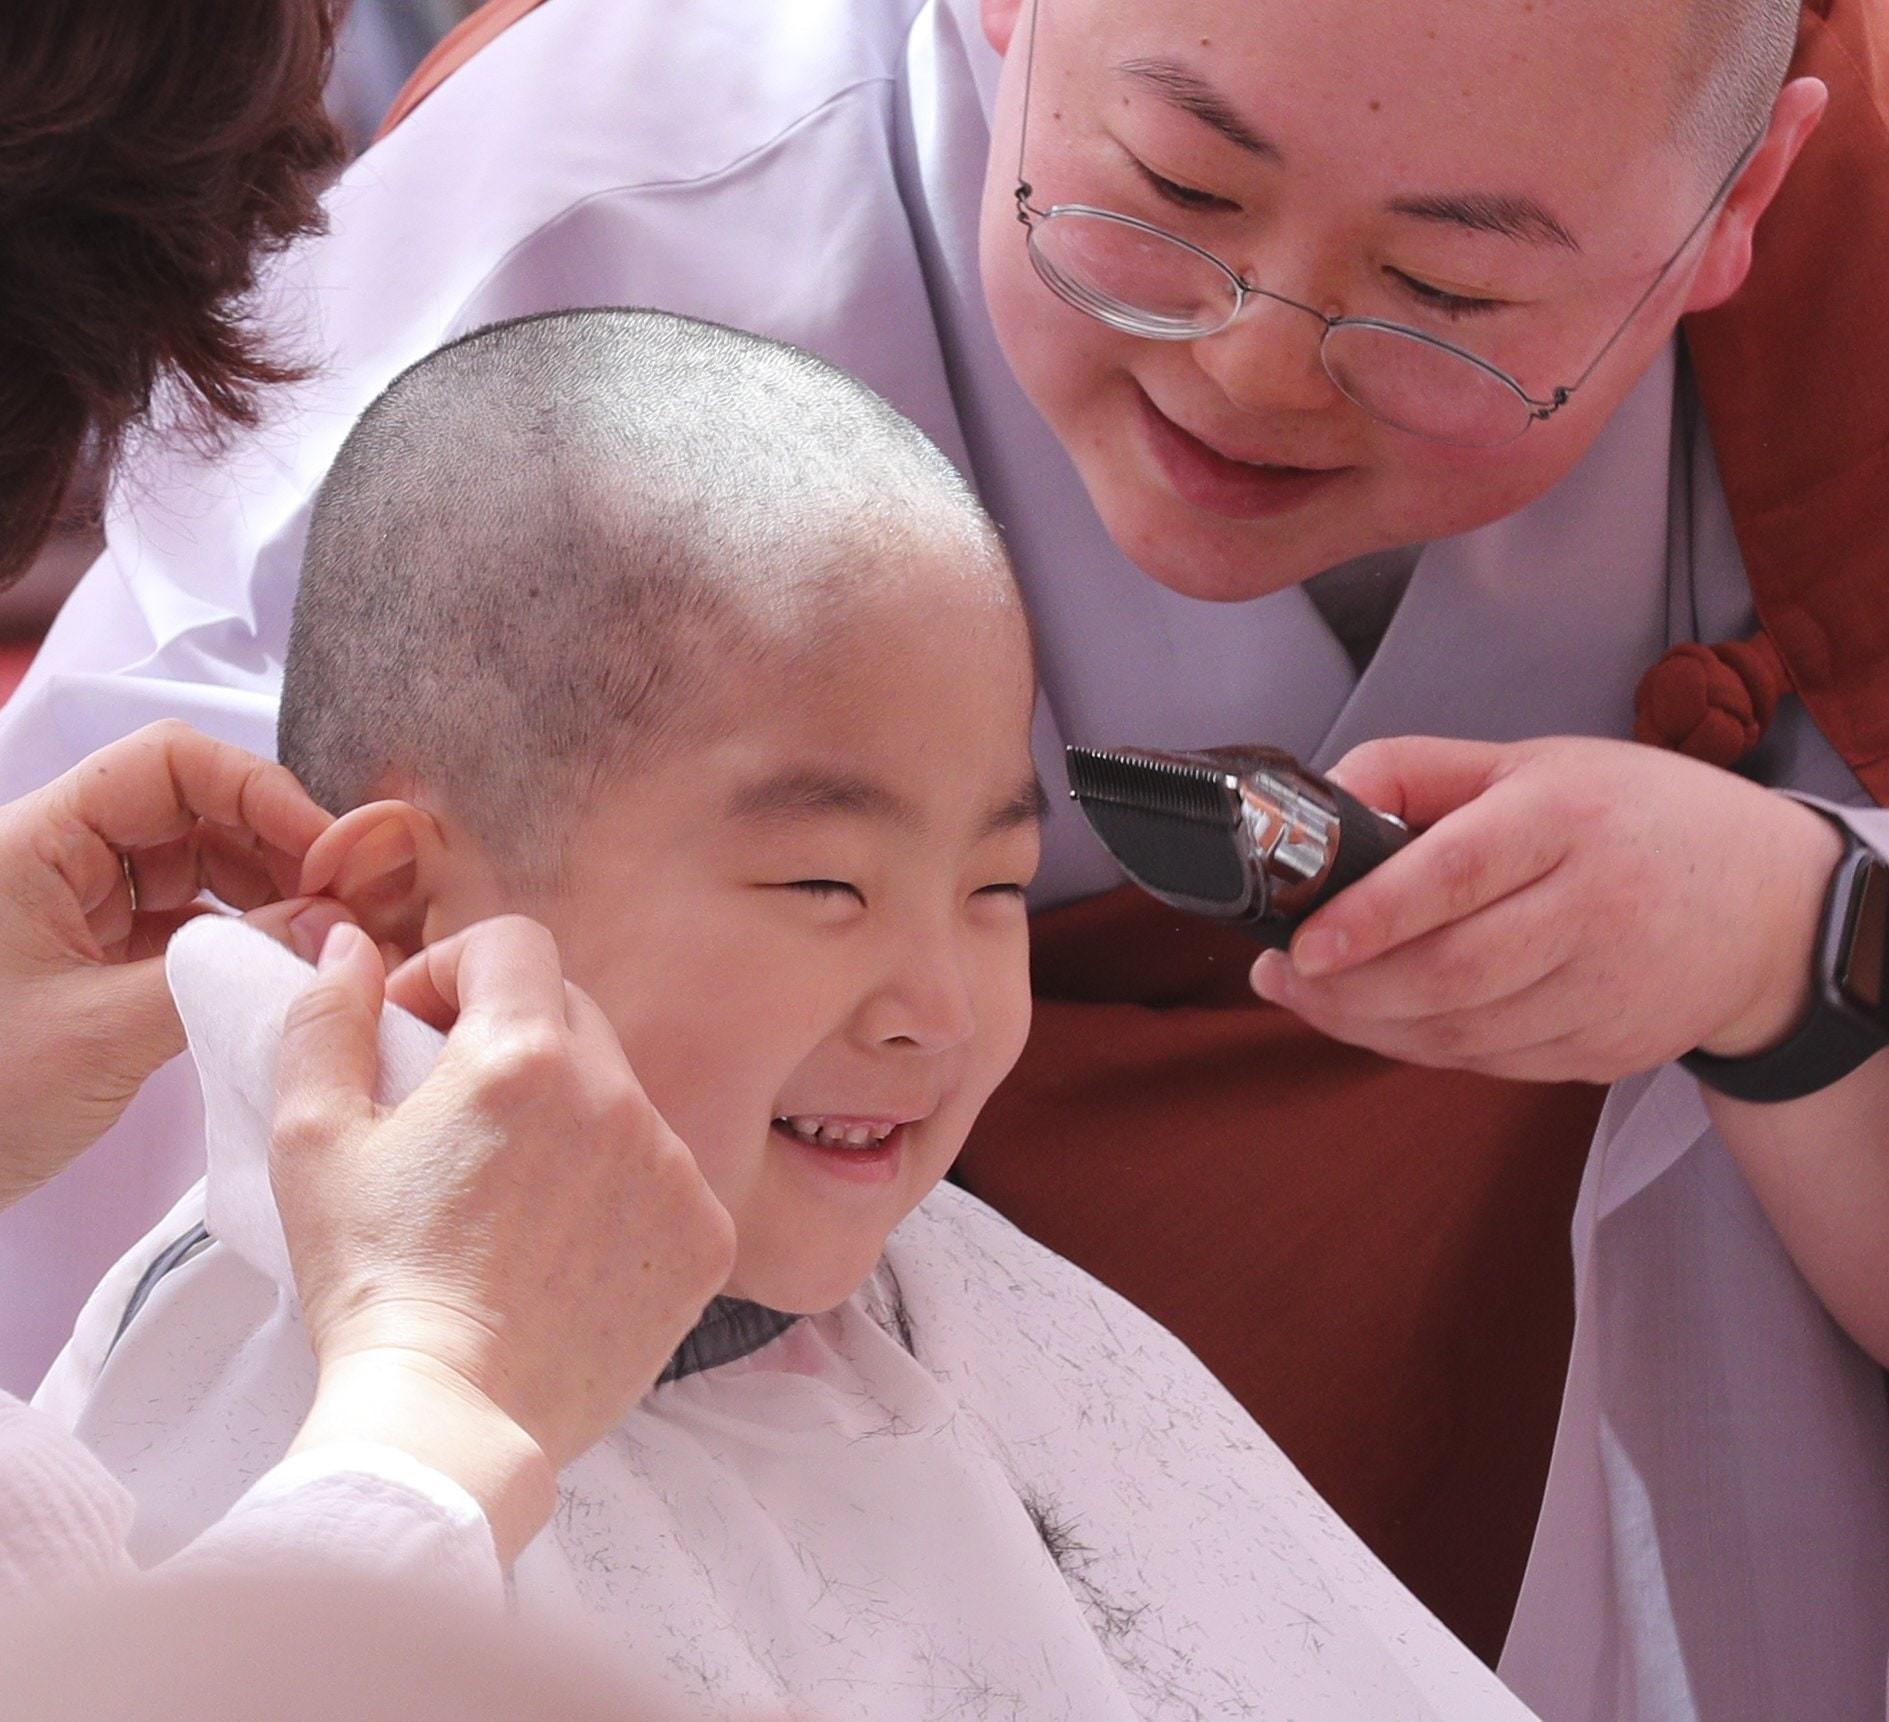 Loạt sắc thái đáng yêu hết nấc của các chú tiểu trong ngày xuống tóc đón lễ Phật Đản ở Hàn Quốc - Ảnh 2.